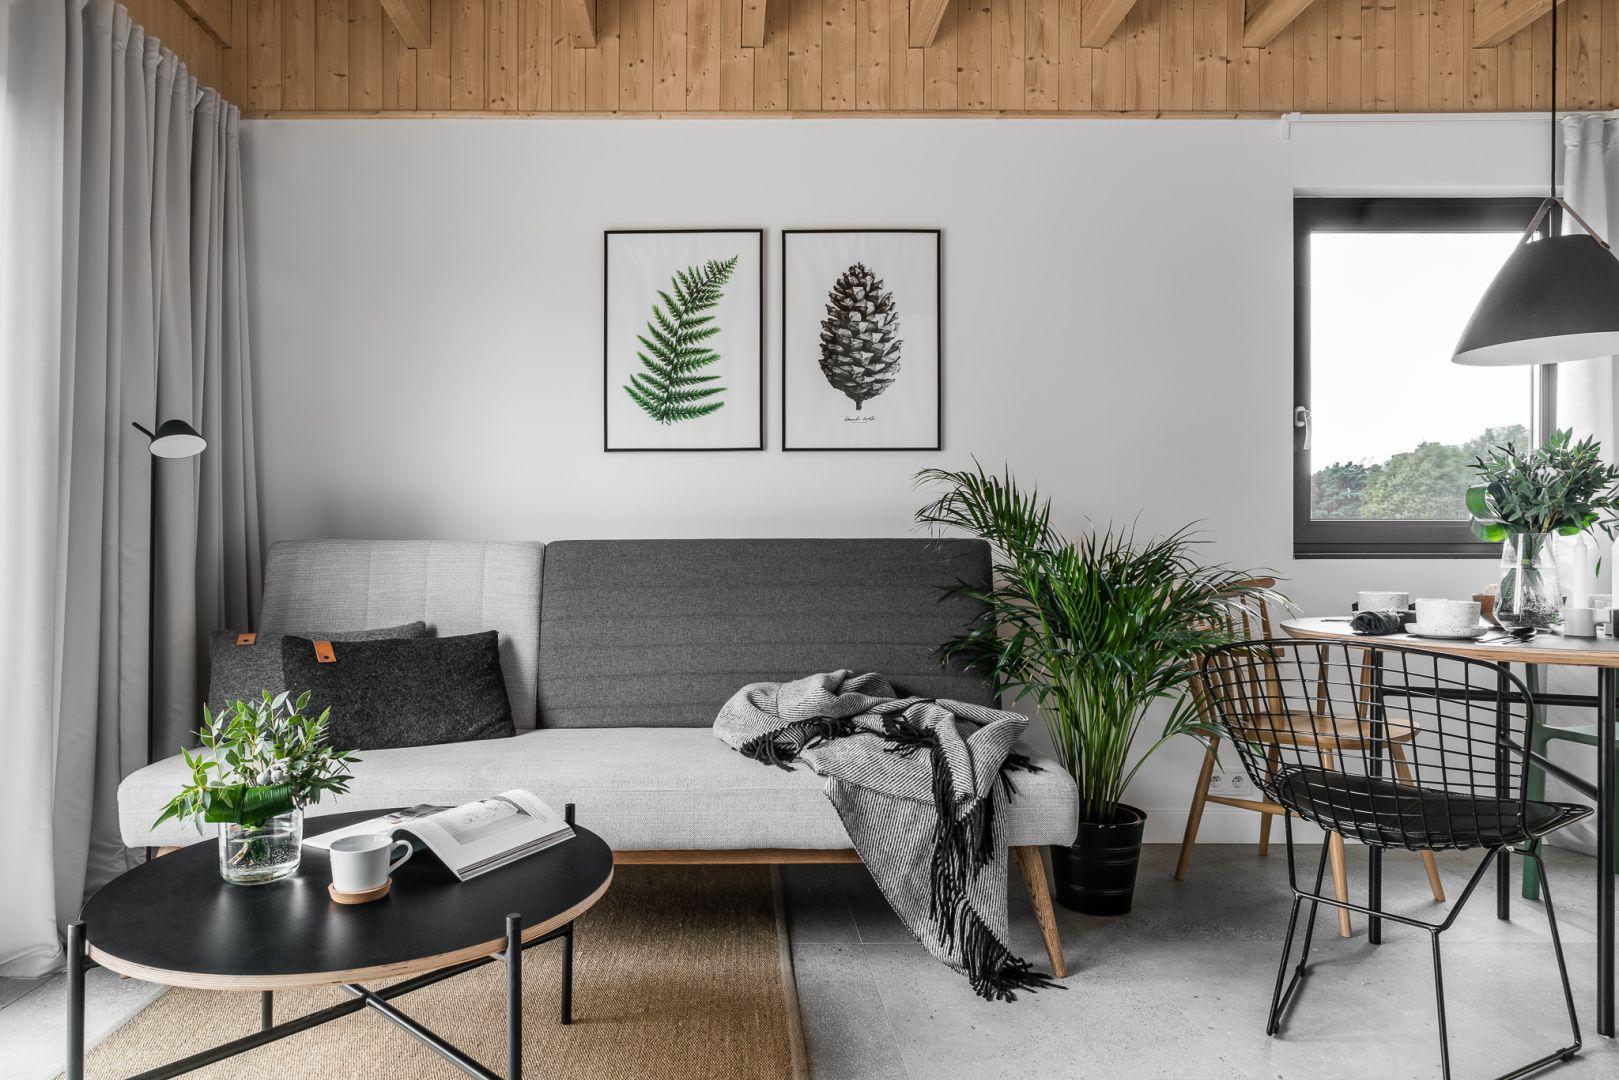 Rośliny doniczkowe w minimalistycznym szarym salonie. Piękna palma będzie świetną ozdobą każdego wnętrza! Projekt: Raca Architekci. Fot. Fotomohito